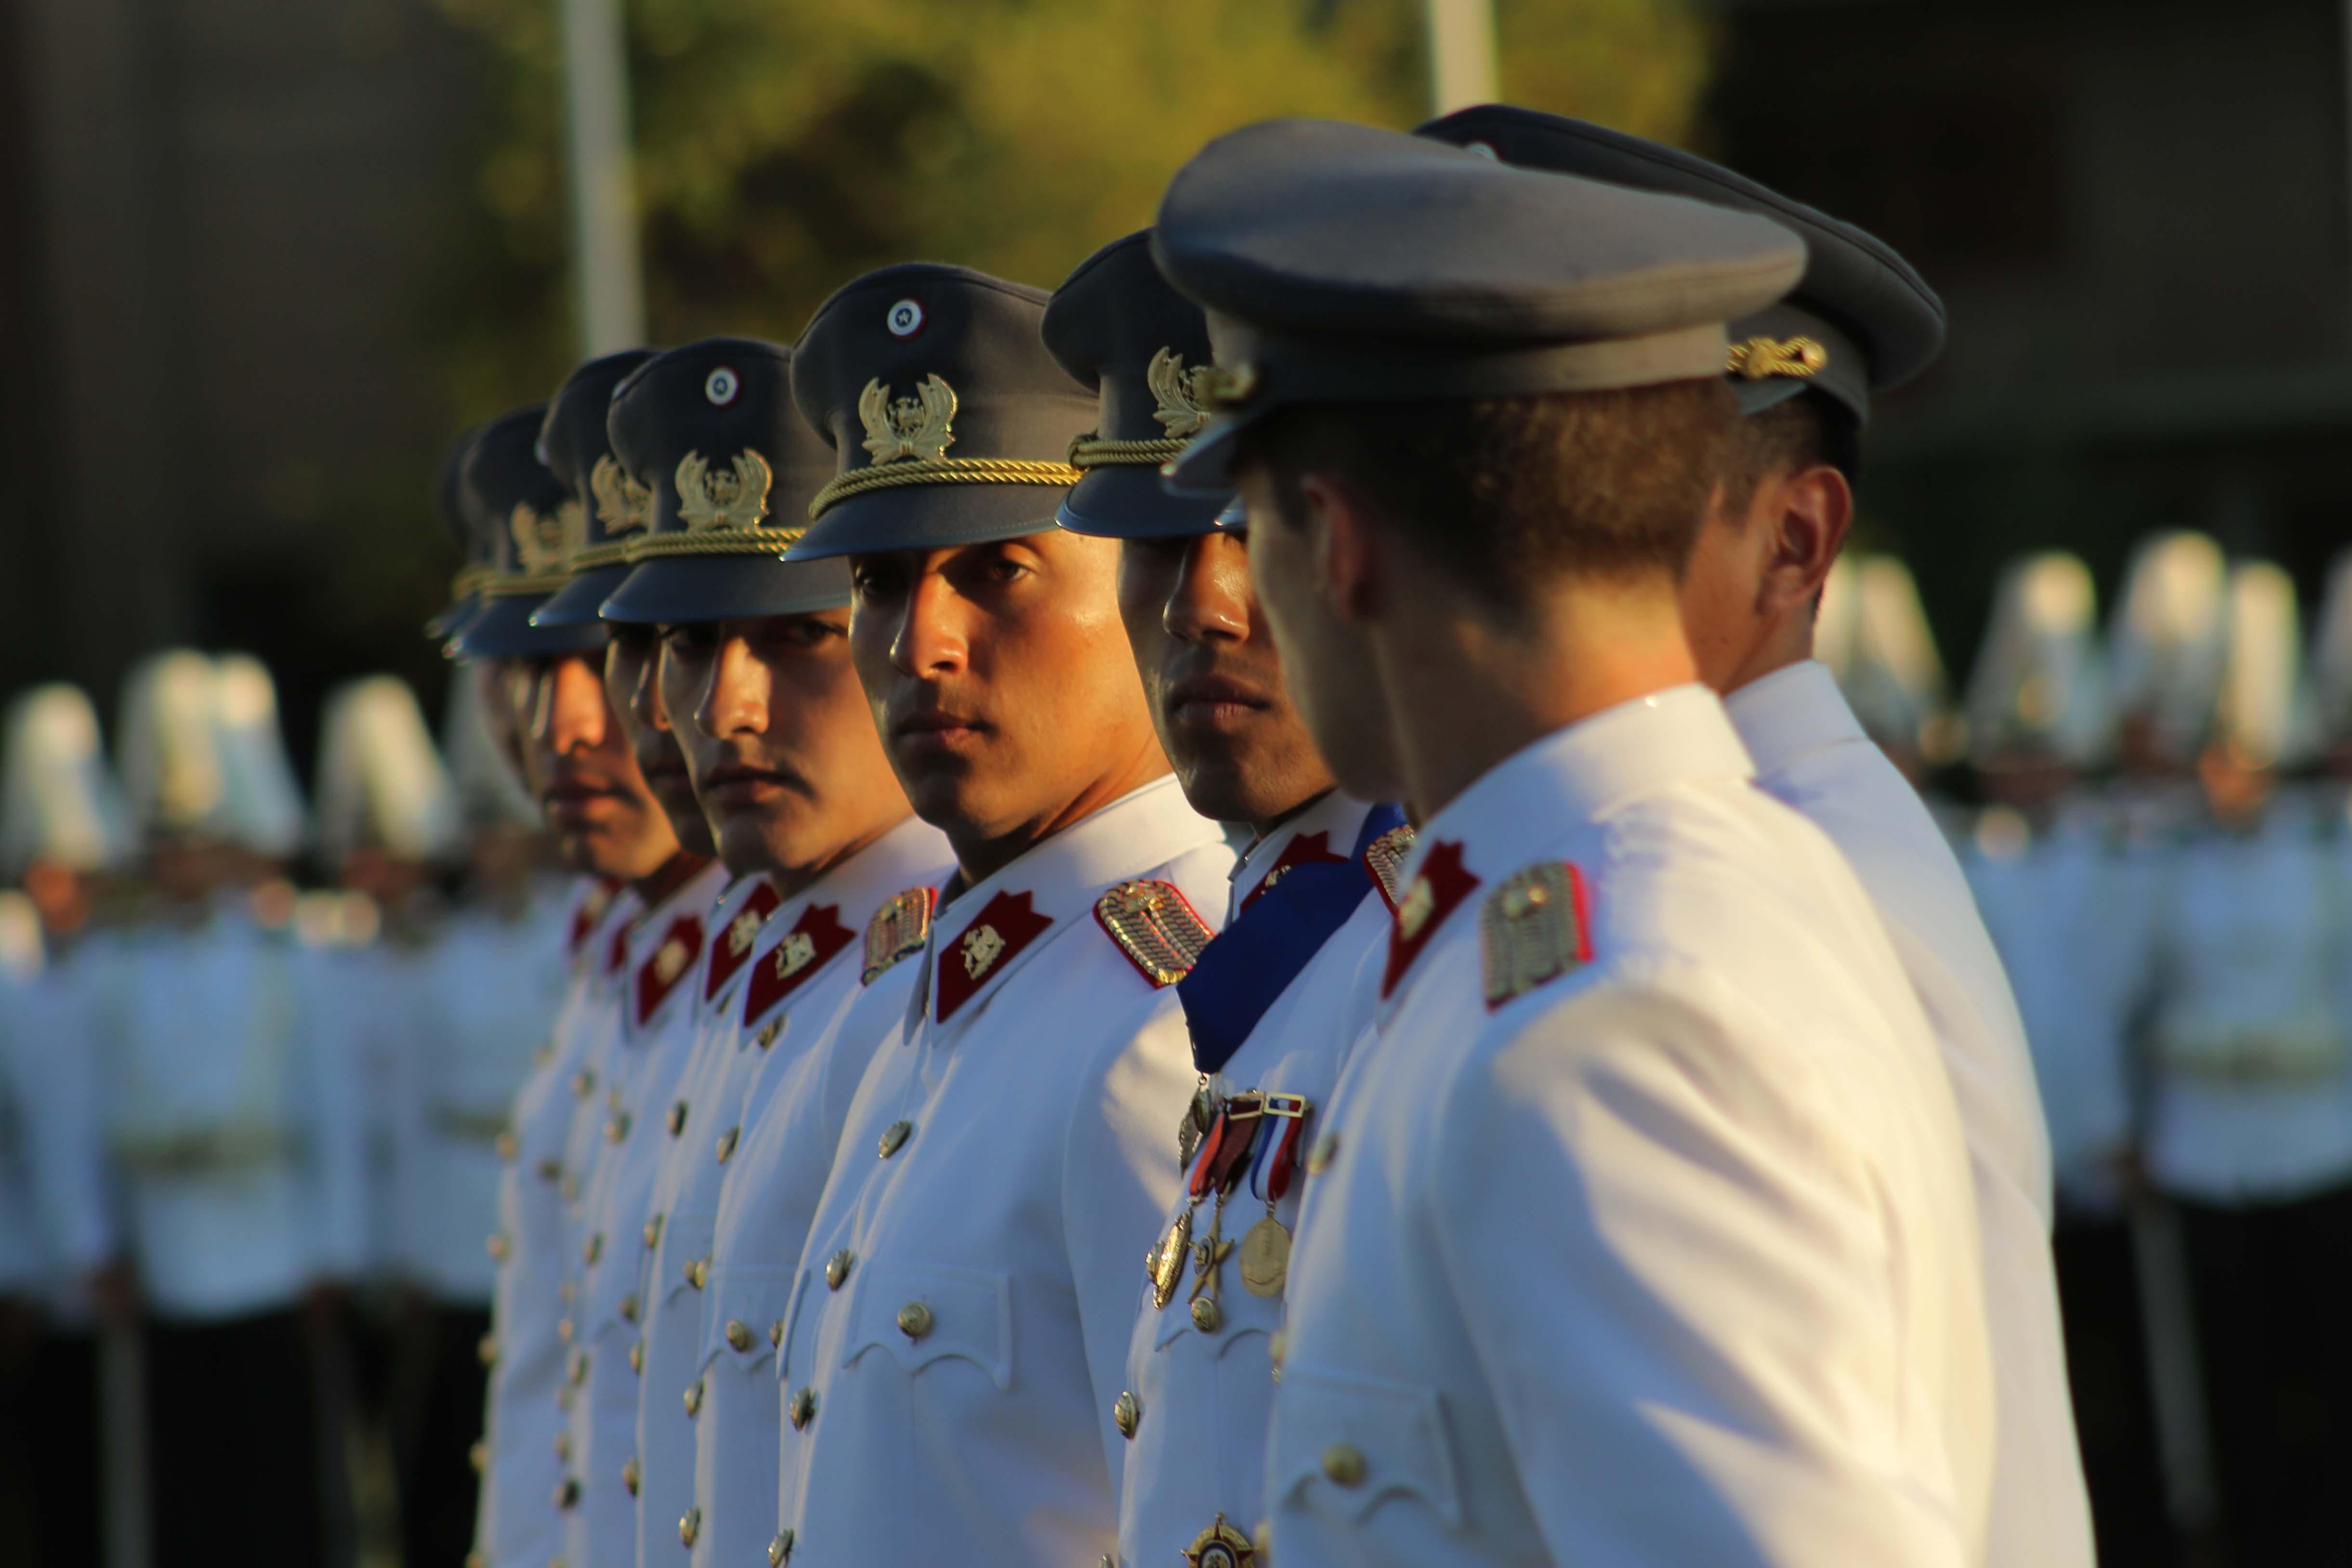 Ejército apeló a retiro de placas de Manuel Contreras: lo comparan con José Miguel Carrera